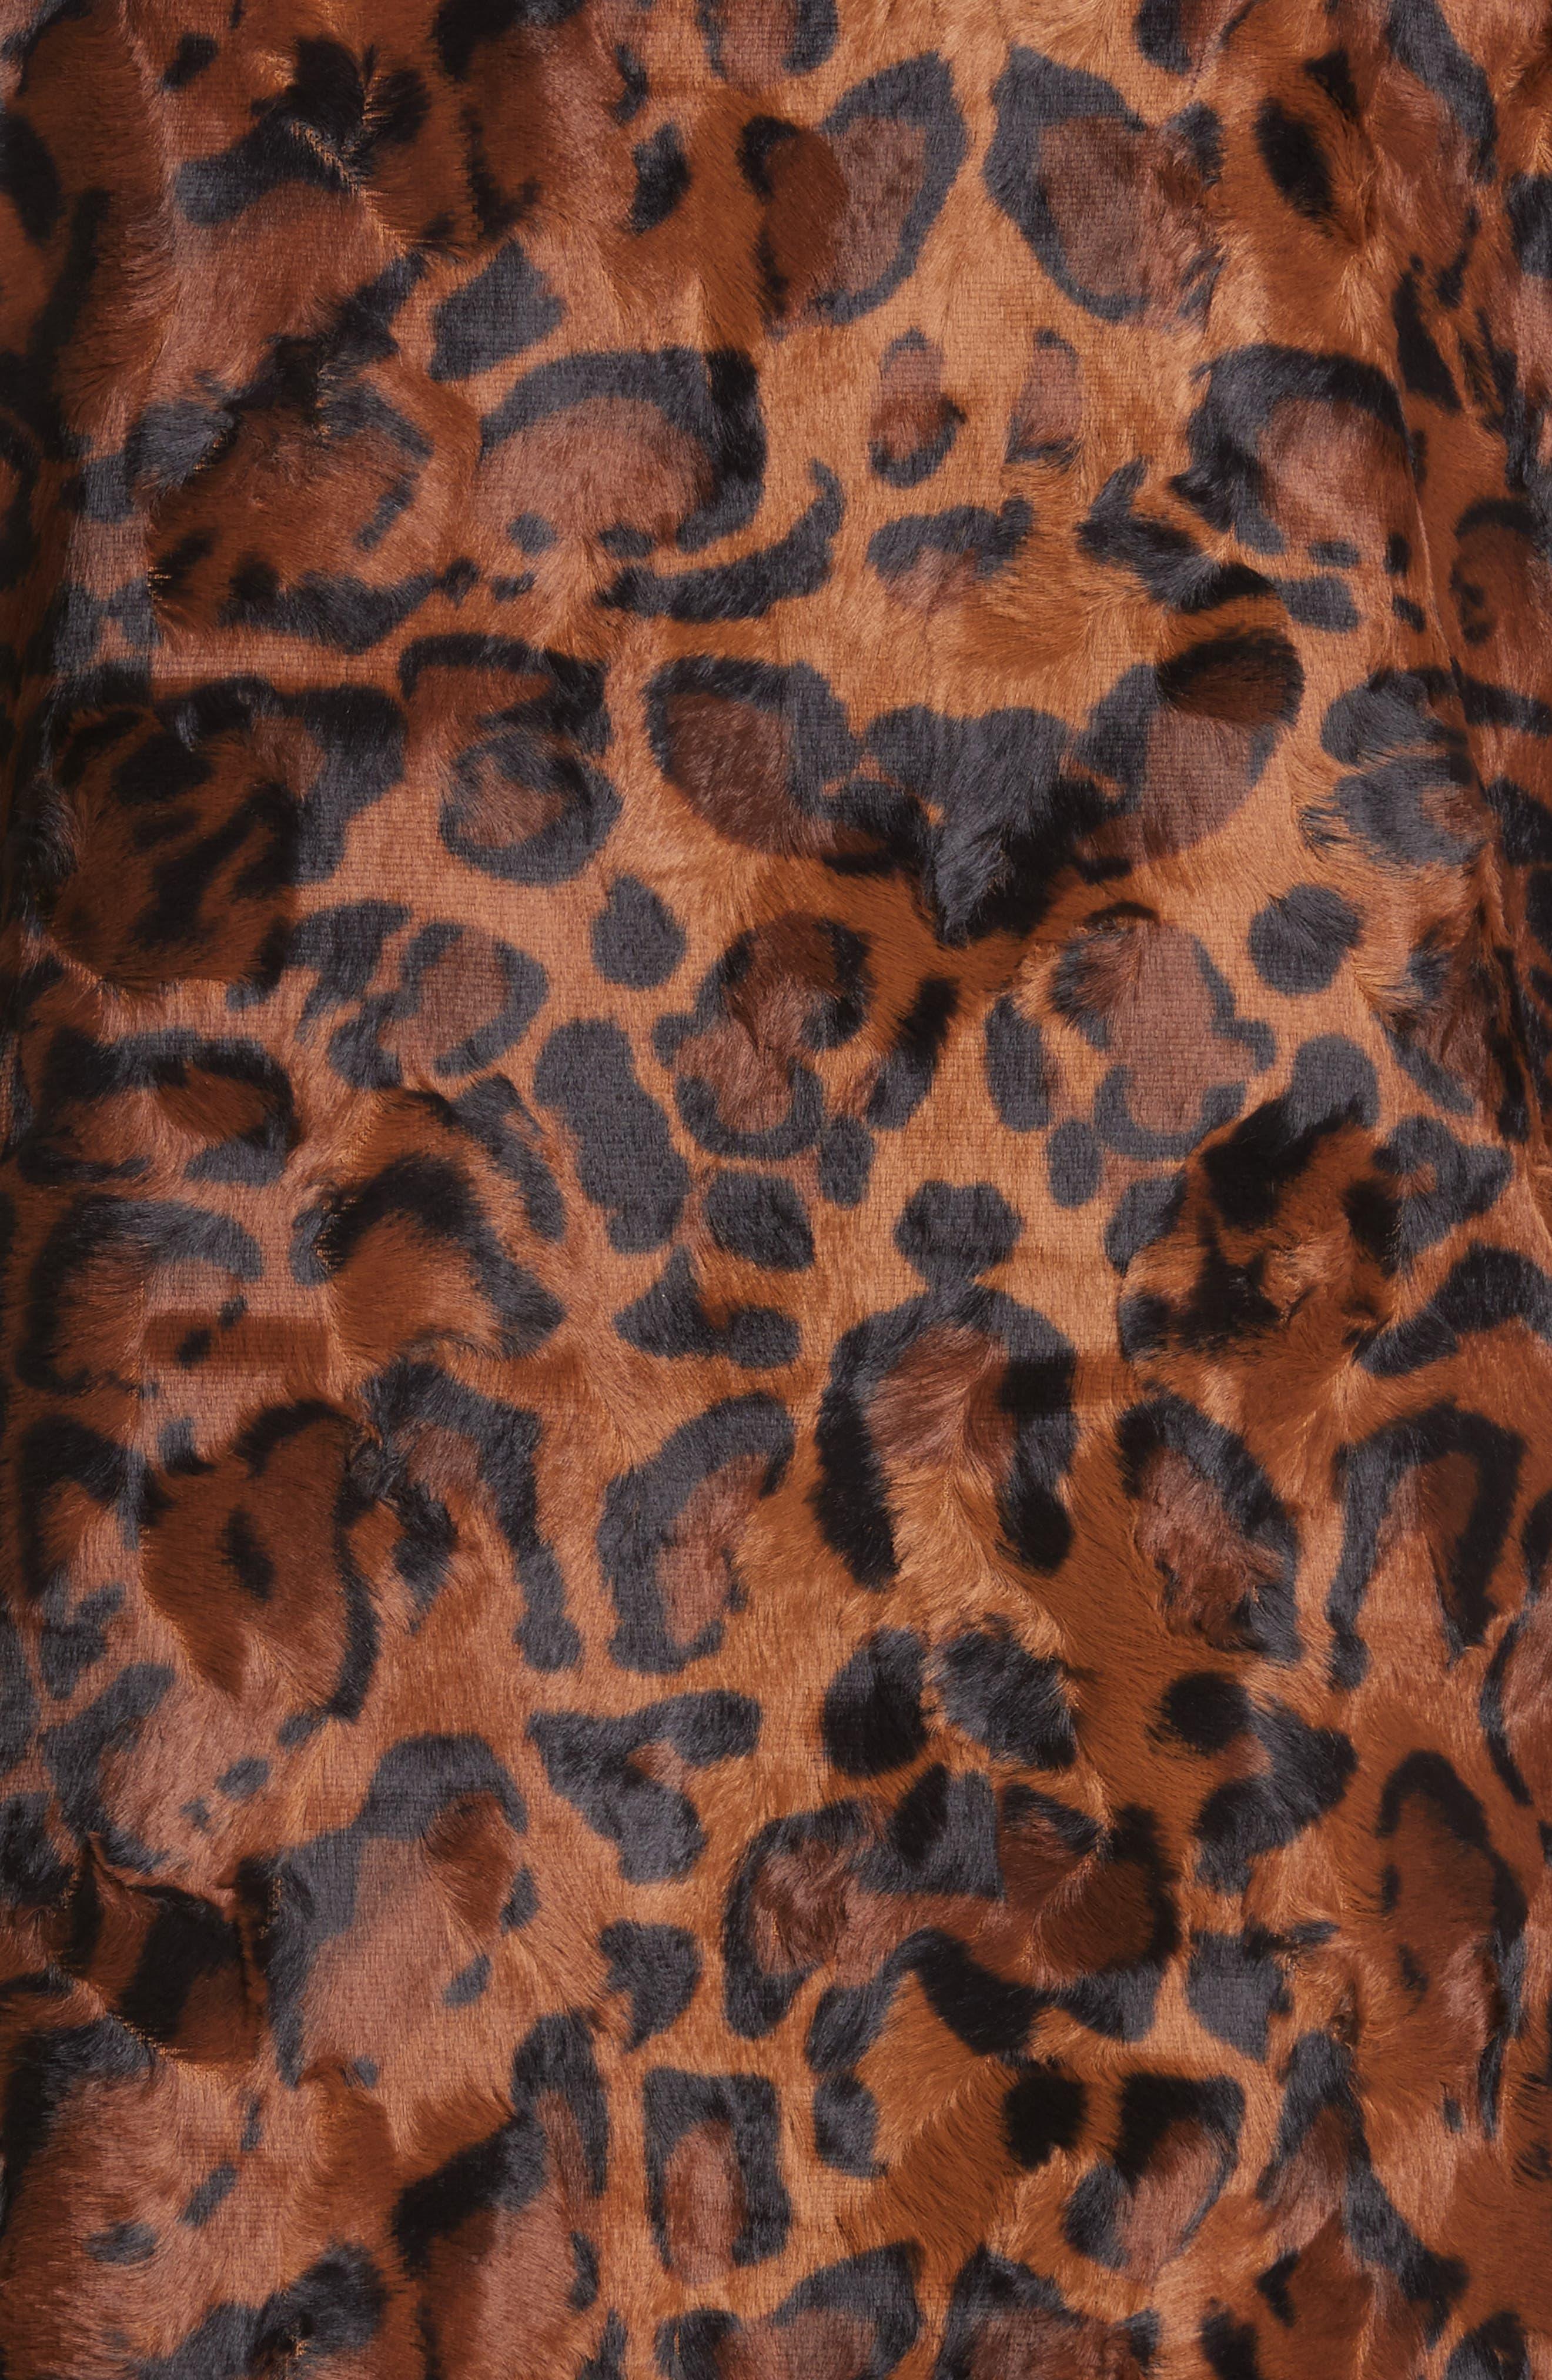 Papa Puss Leopard Print Faux Fur Coat,                             Alternate thumbnail 6, color,                             200